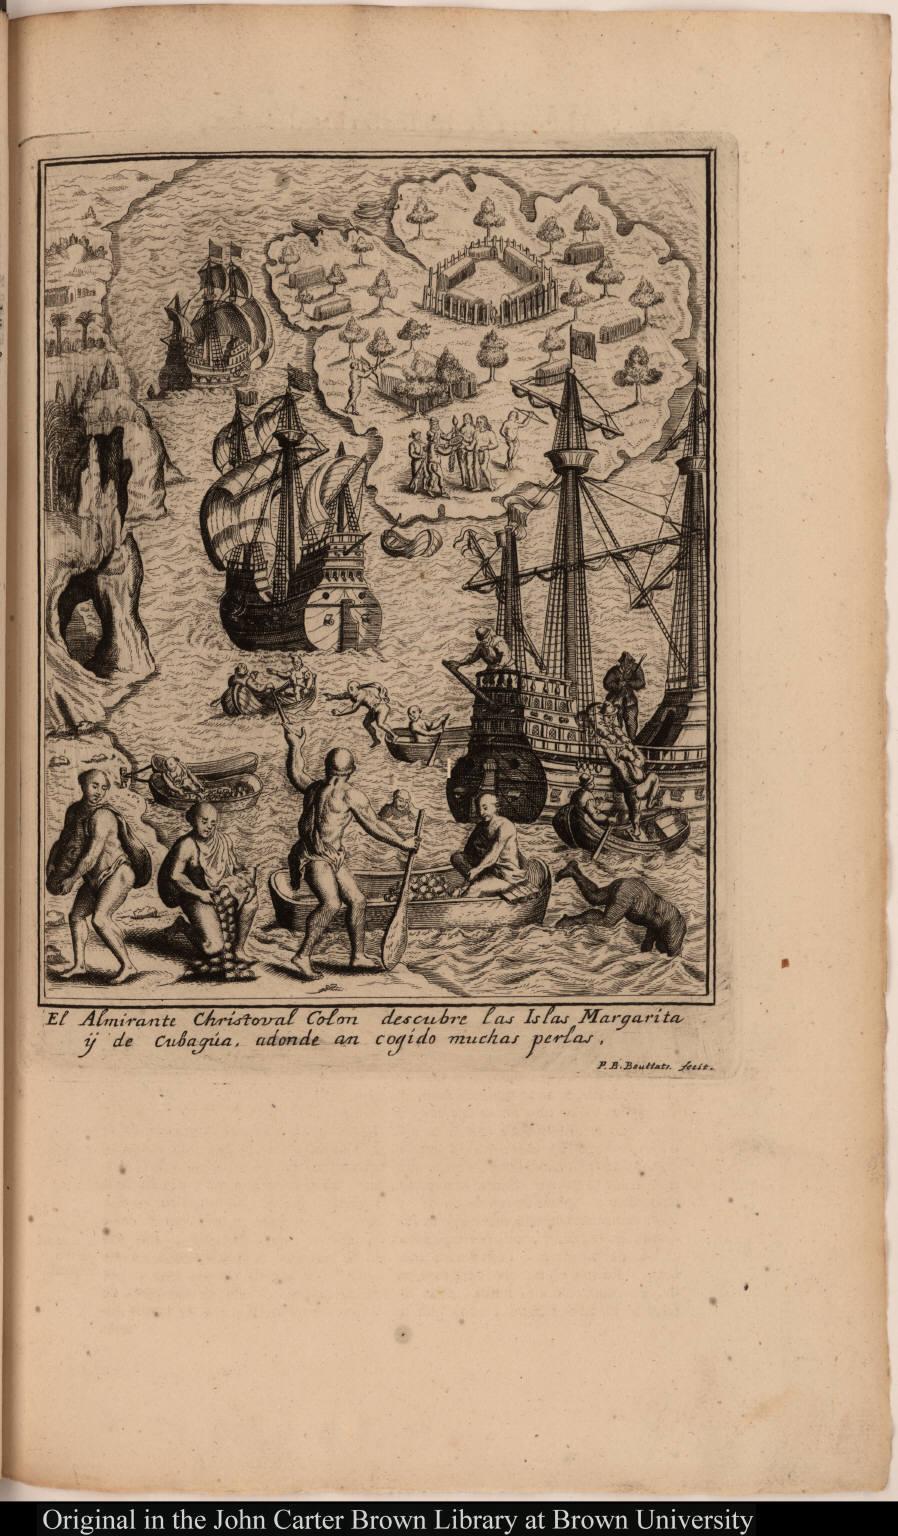 El Almirante Christoval Colon descubre las Islas Margarita ÿ de Cubagúa, adonde an cogido muchas perlas.